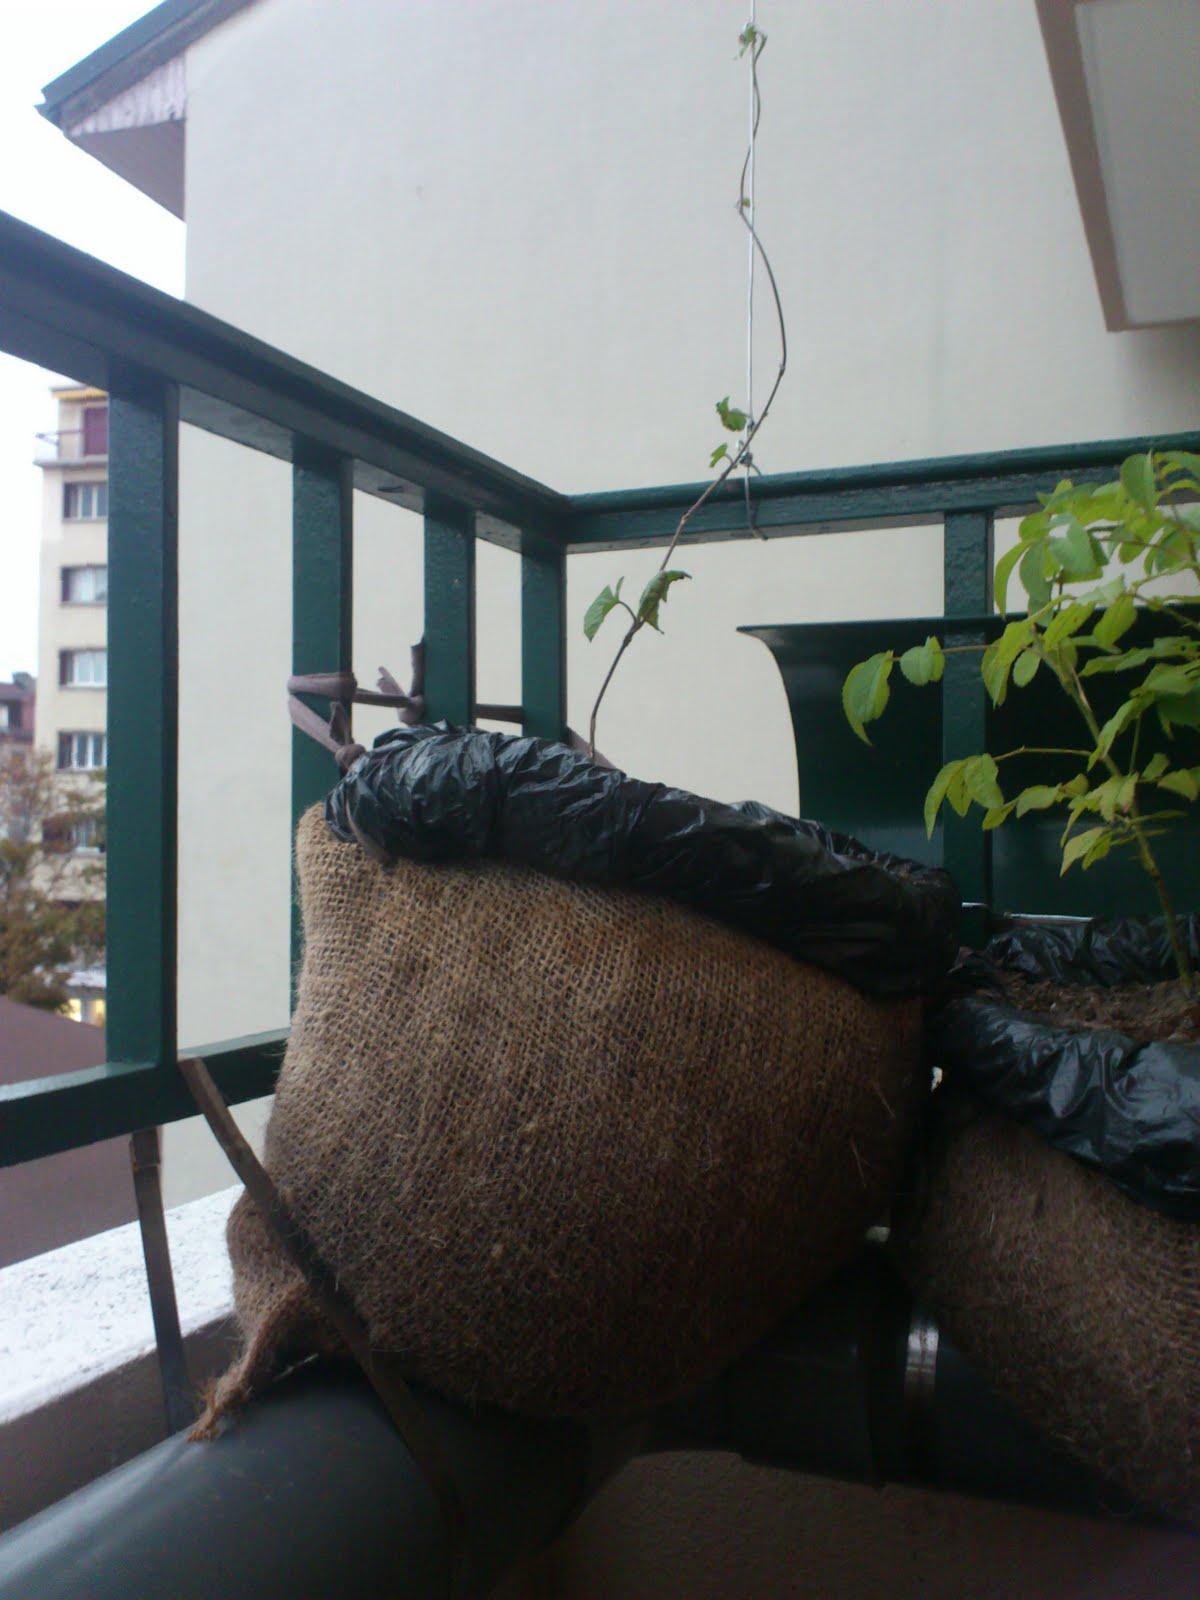 arrosage par capillarité pour balcon abrité   bap book